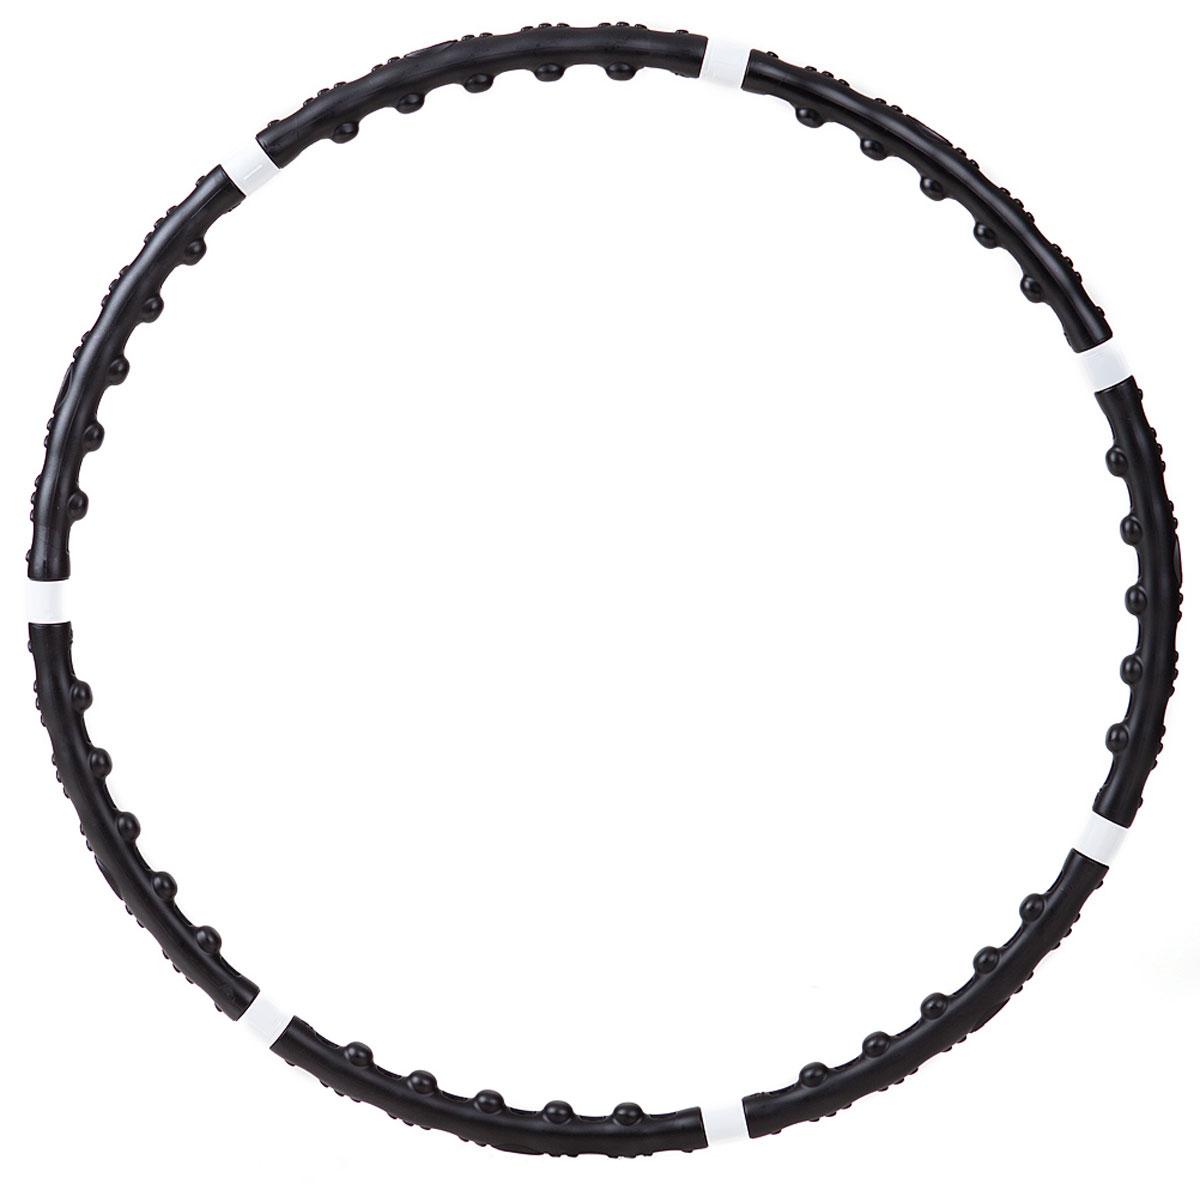 Обруч Bradex, утяжеленный, массажный, с магнитными вставкамиSF 0085Массажный утяжеленный обруч Bradex отлично подтянет живот, улучшит талию и поможет похудеть. Обруч оснащен магнитами. Благодаря такому устройству, происходит сочетание элементов обычного хула-хупа с техникой аккупунктурного массажа. Магниты, идущие в комплекте с обручем, оказывают противовоспалительный, седативный, болеутоляющий эффект. Вы не только улучшите контуры фигуры за счет сжигания подкожного жира в области талии и живота, но и обретете хорошее самочувствие. Обруч состоит из 7 секций и является разборным, что облегчает его транспортировку.Характеристики:Материал: ПВХ, магнит. Диаметр обруча: 100 см. Вес обруча: 1,3 кг. Размер упаковки: 47 х 25 х 7,5 см.